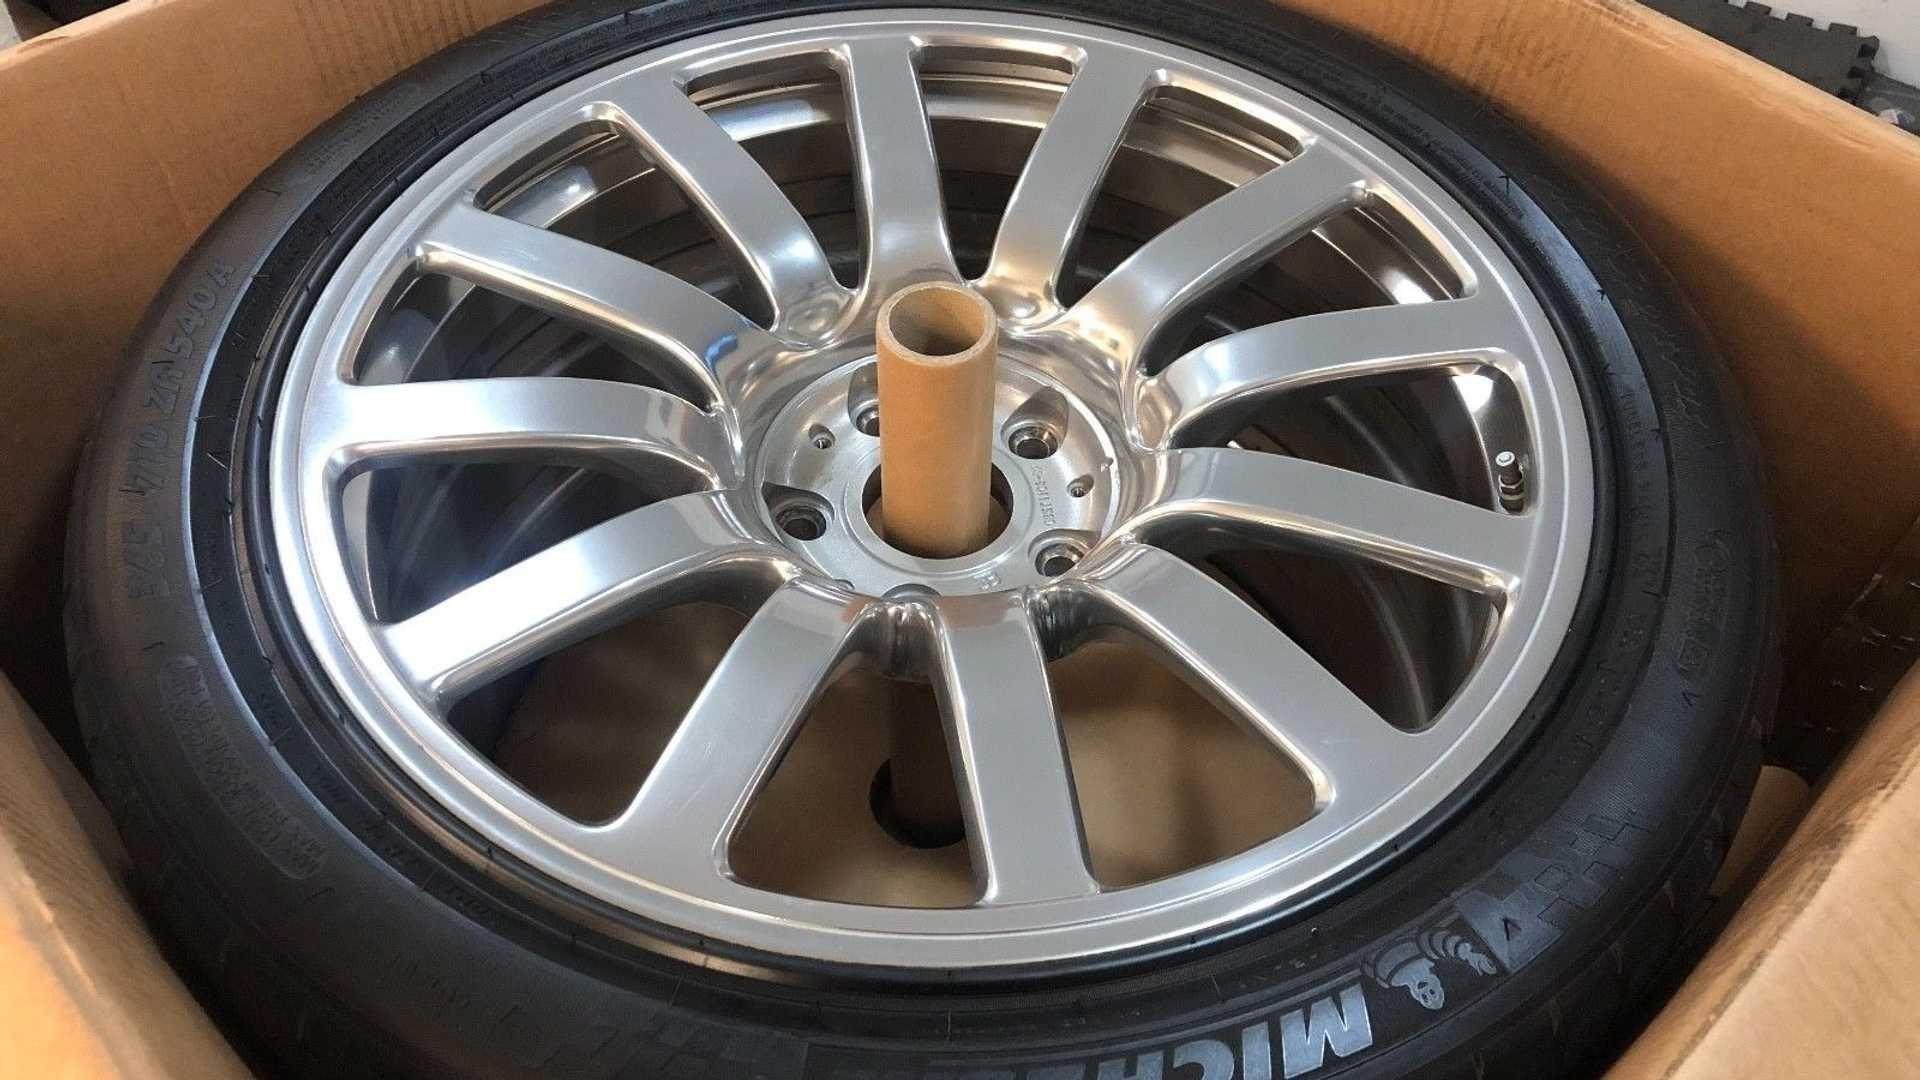 На eBay продають комплект дисків і шин для Bugatti Veyron усього за 100 тисяч доларів